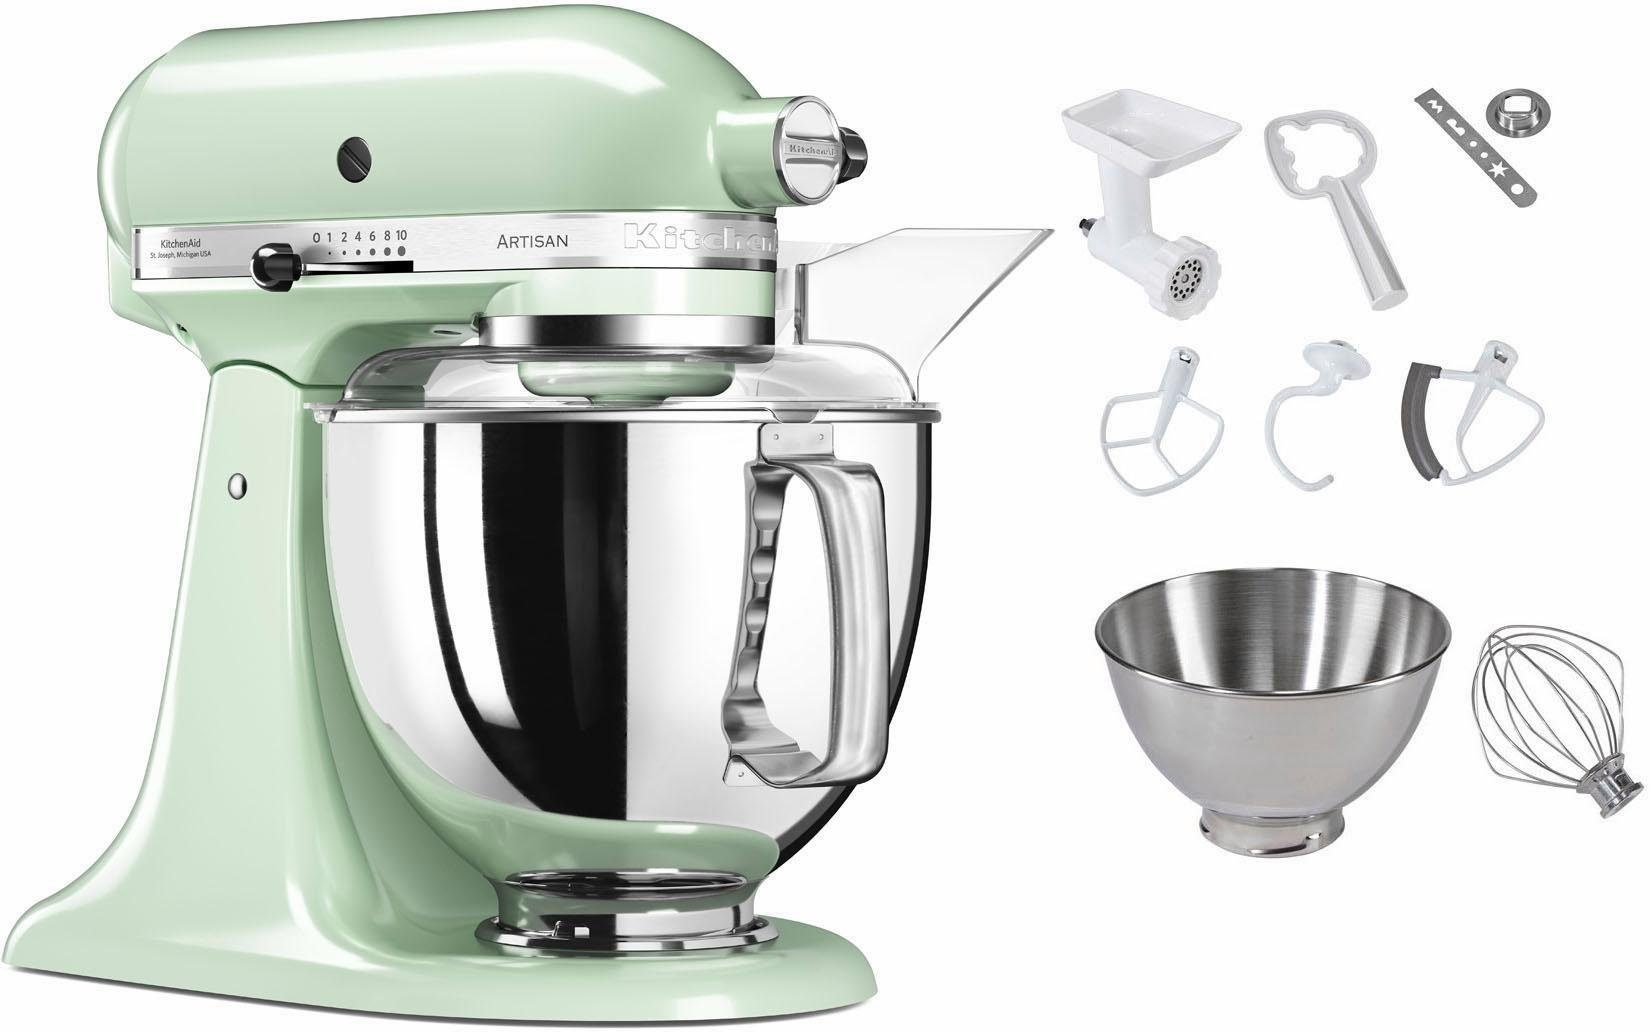 KitchenAid® Küchenmaschine 5KSM175PSEPT Artisan, inkl. Sonderzubehör im Wert von ca. 214,-€